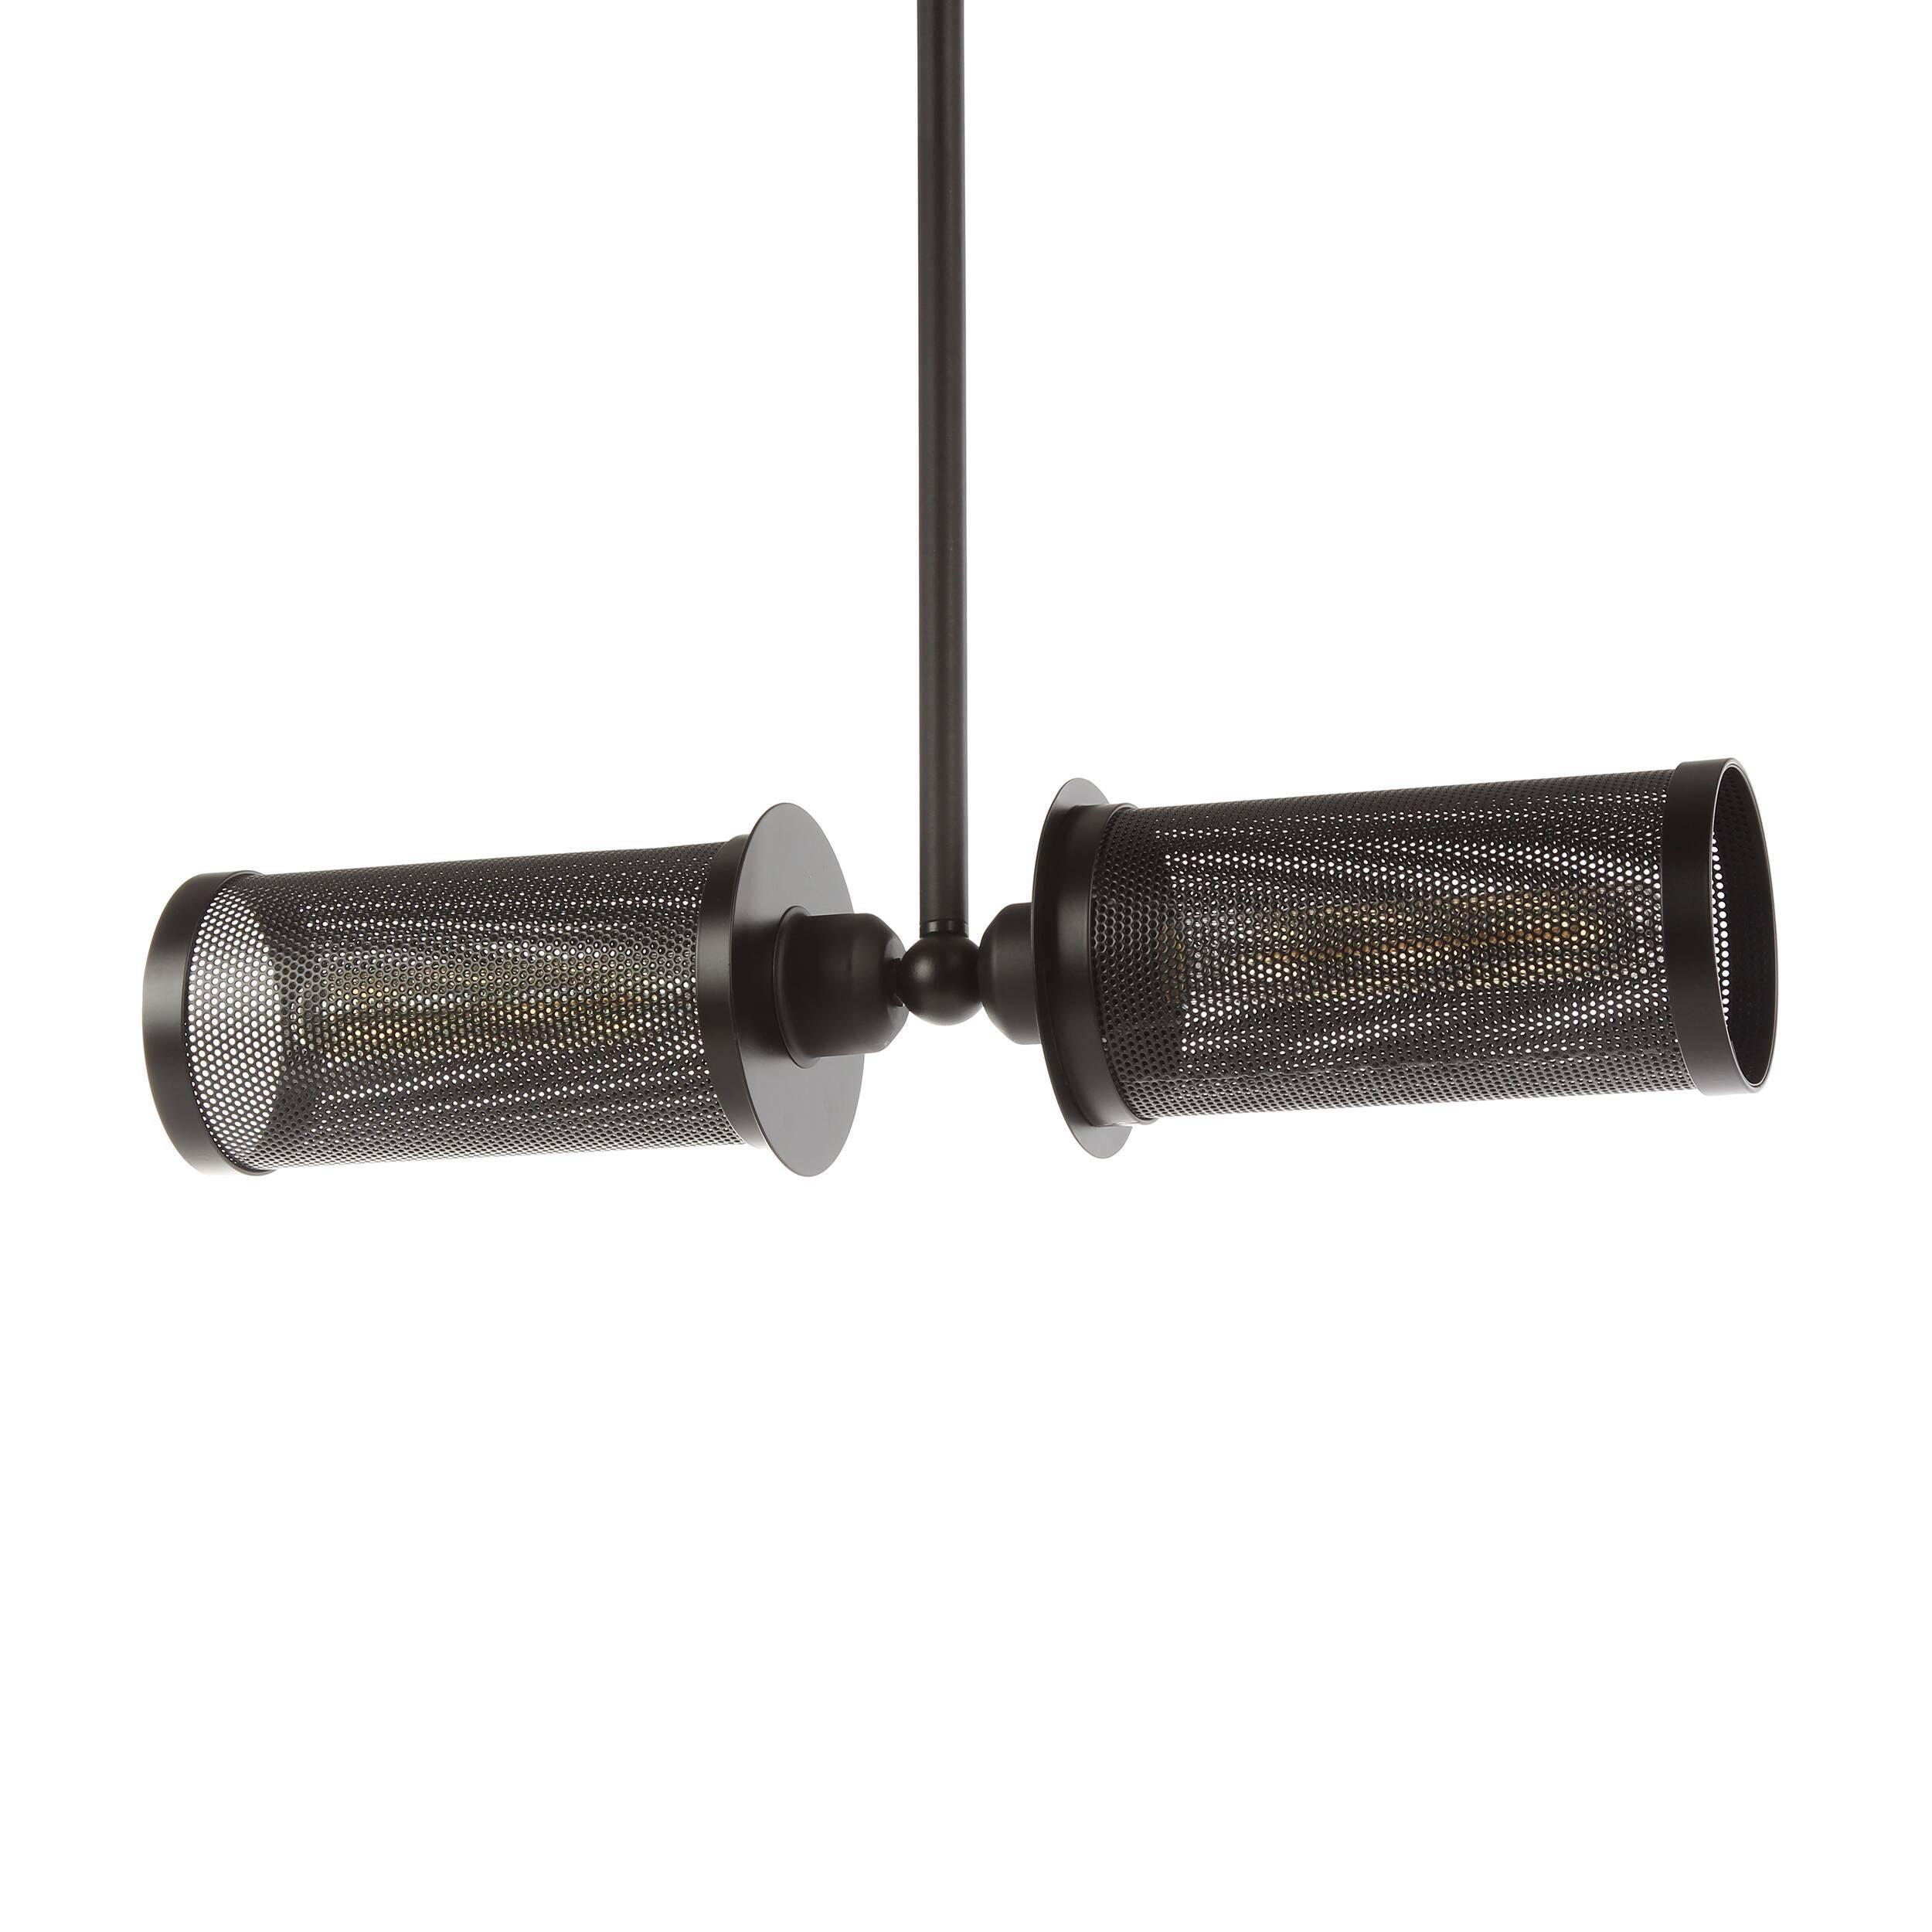 Подвесной светильник LehniПодвесные<br>Подвесной светильник Lehni — это оригинальное творение лучших дизайнеров компании Cosmo, которые предусмотрели возможность его использования как в домашнем интерьере, так и в общественных помещениях. Светильник имеет две лампочки, направленные в противоположные стороны, благодаря чему достигается эффект наибольшего освещения. Светильник оформлен в черном цвете. Оригинальный абажур подвесного светильника Lehni изготовлен из прочного металла. Абажур крепится к широкому металлическому стержню...<br><br>stock: 20<br>Высота: 70<br>Ширина: 55<br>Диаметр: 10<br>Количество ламп: 2<br>Материал абажура: Металл<br>Мощность лампы: 60<br>Ламп в комплекте: Нет<br>Тип лампы/цоколь: E27<br>Цвет абажура: Черный<br>Цвет провода: Черный